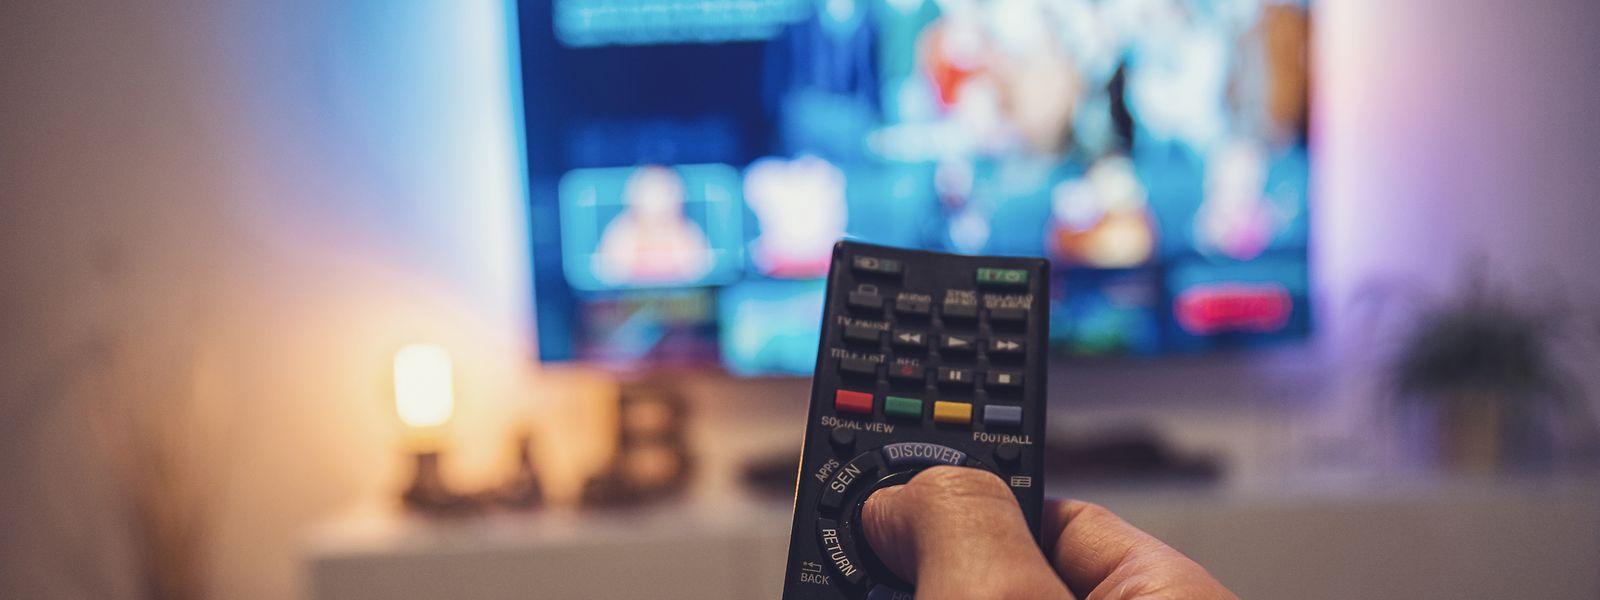 Auch ohne Livesport lohnt es sich, den Fernseher anzuschalten.